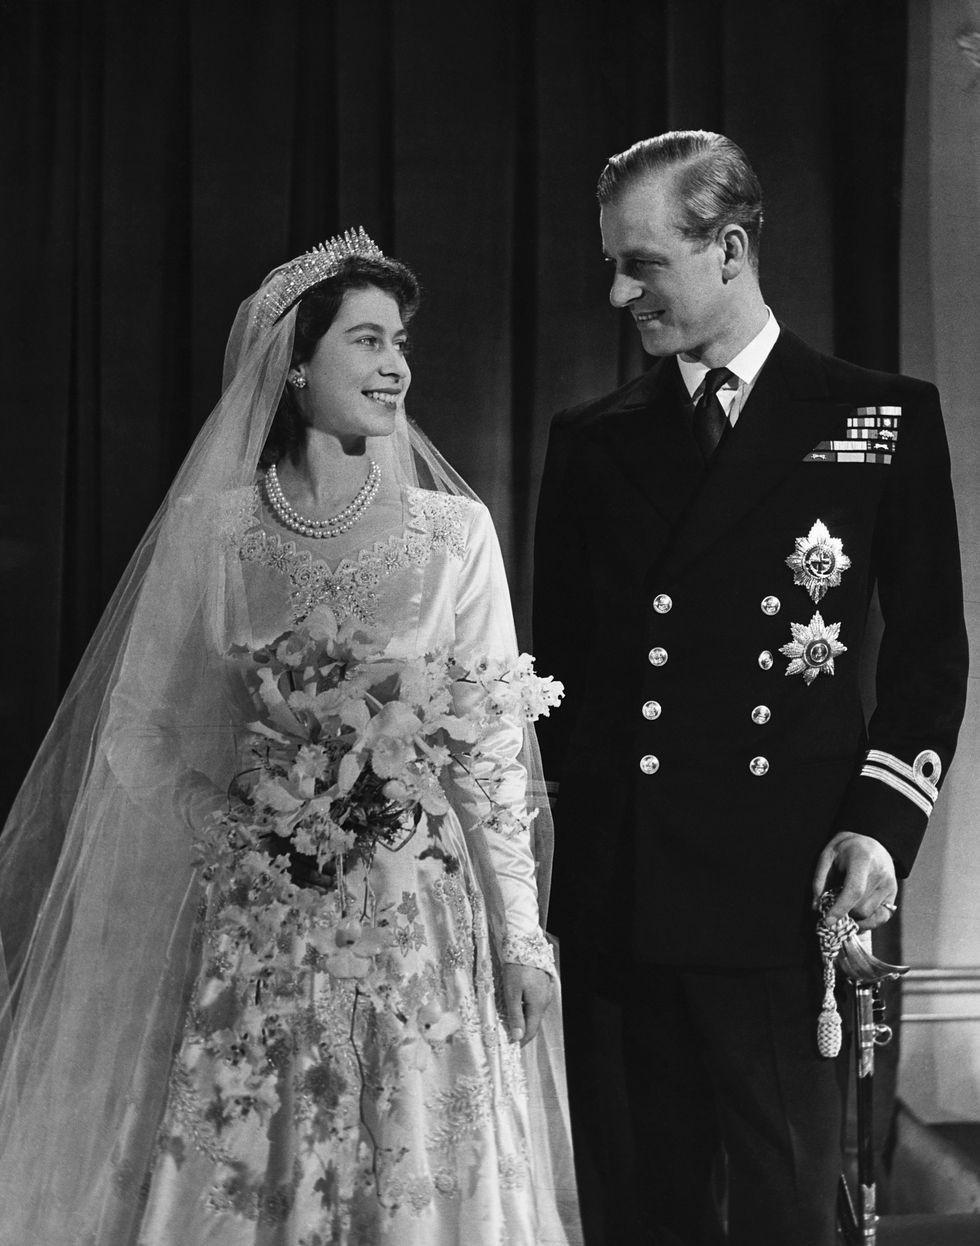 """Đám cưới Hoàng gia tưởng chừng hoàn hảo tuyệt đối vẫn xảy ra không ít sự cố """"dở khóc dở cười"""" đi vào lịch sử 13"""